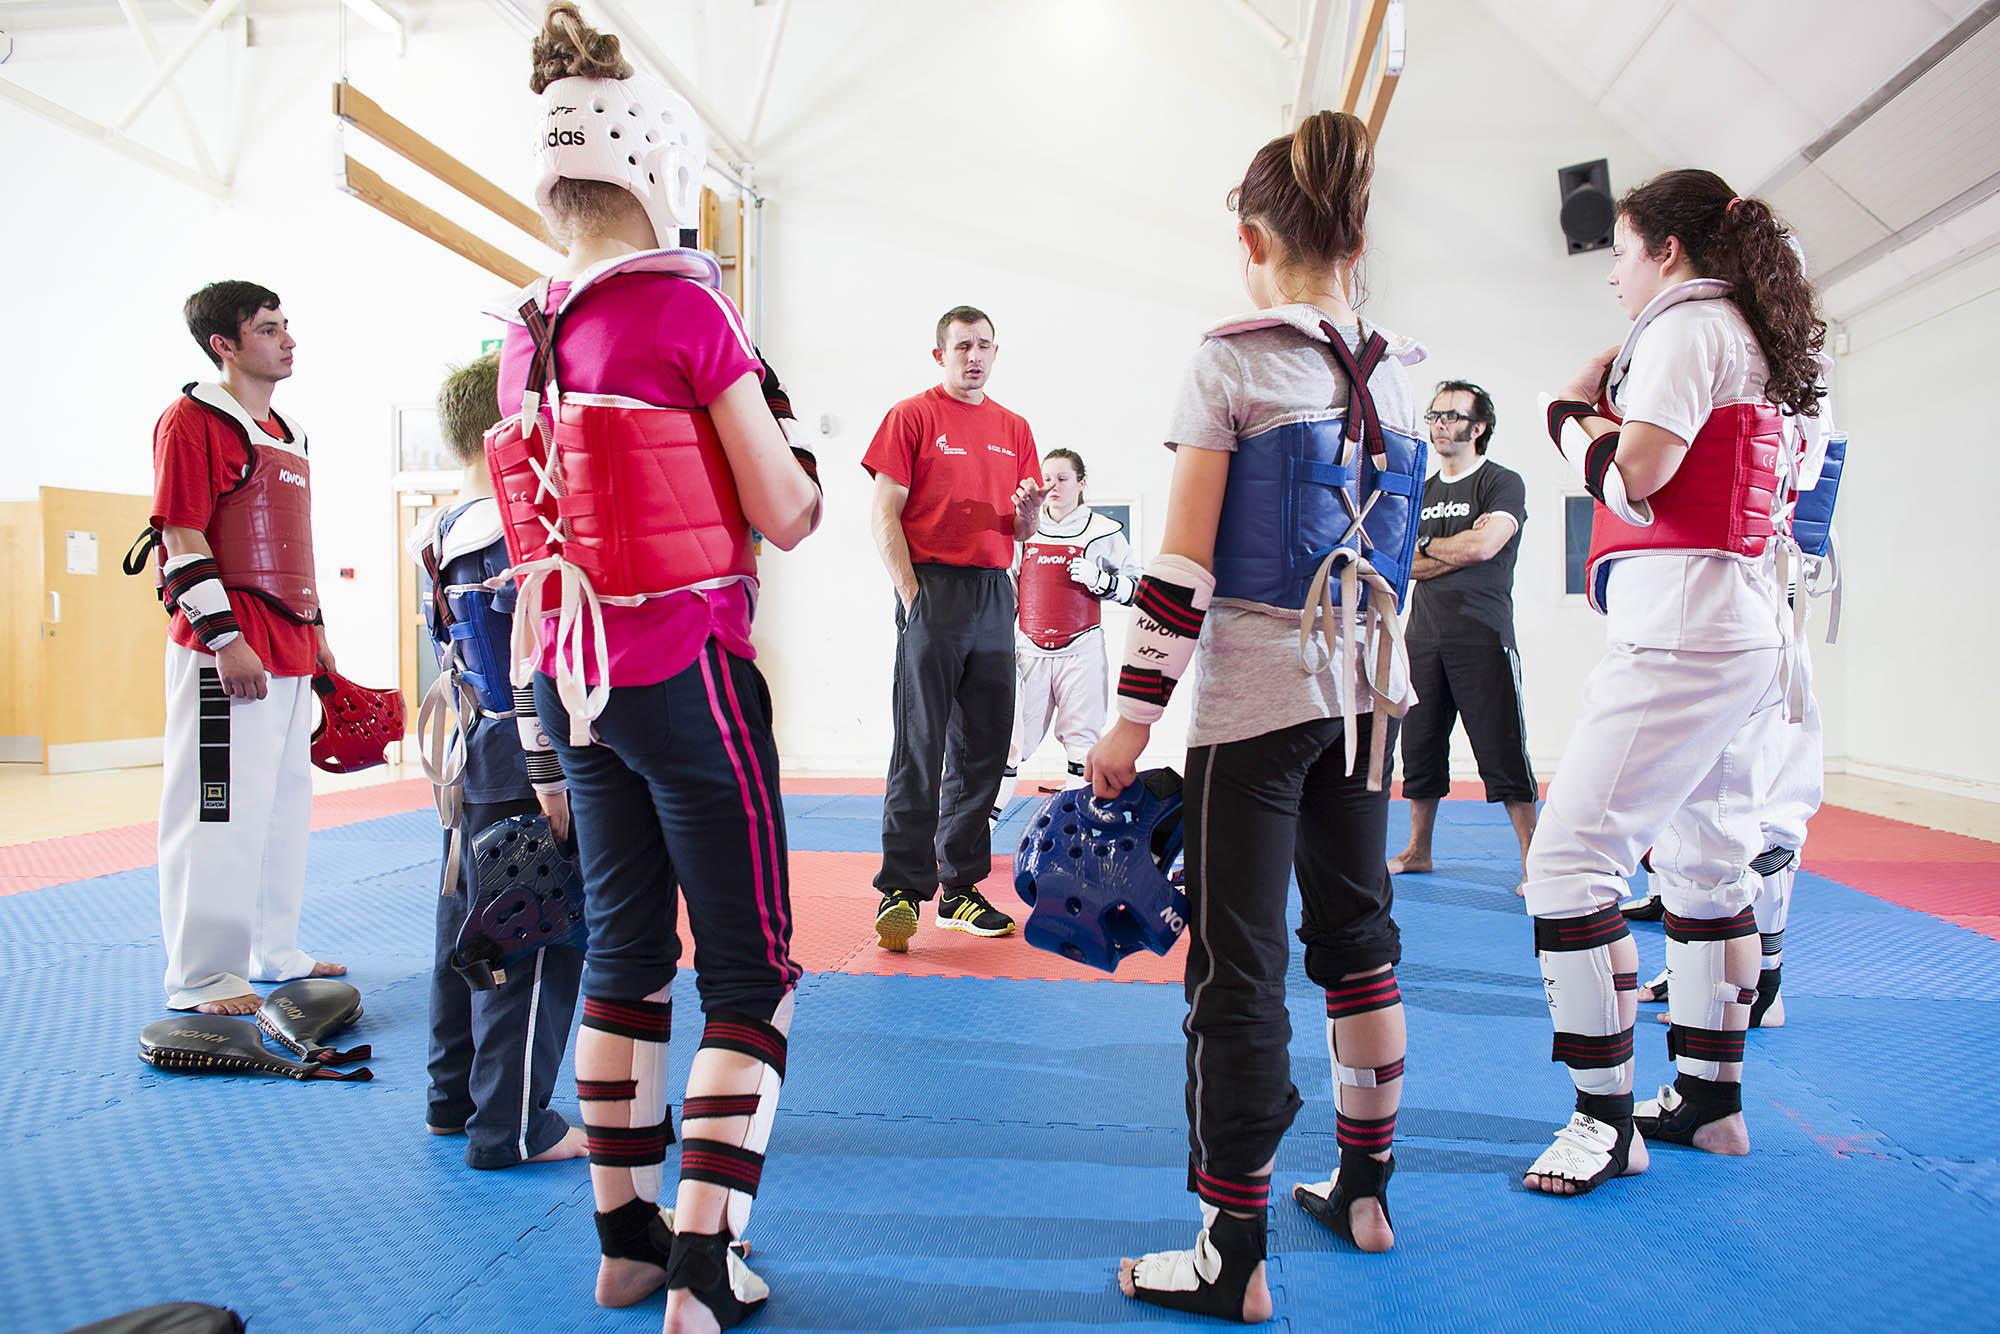 taekwondo_action_135.jpg (1).JPG